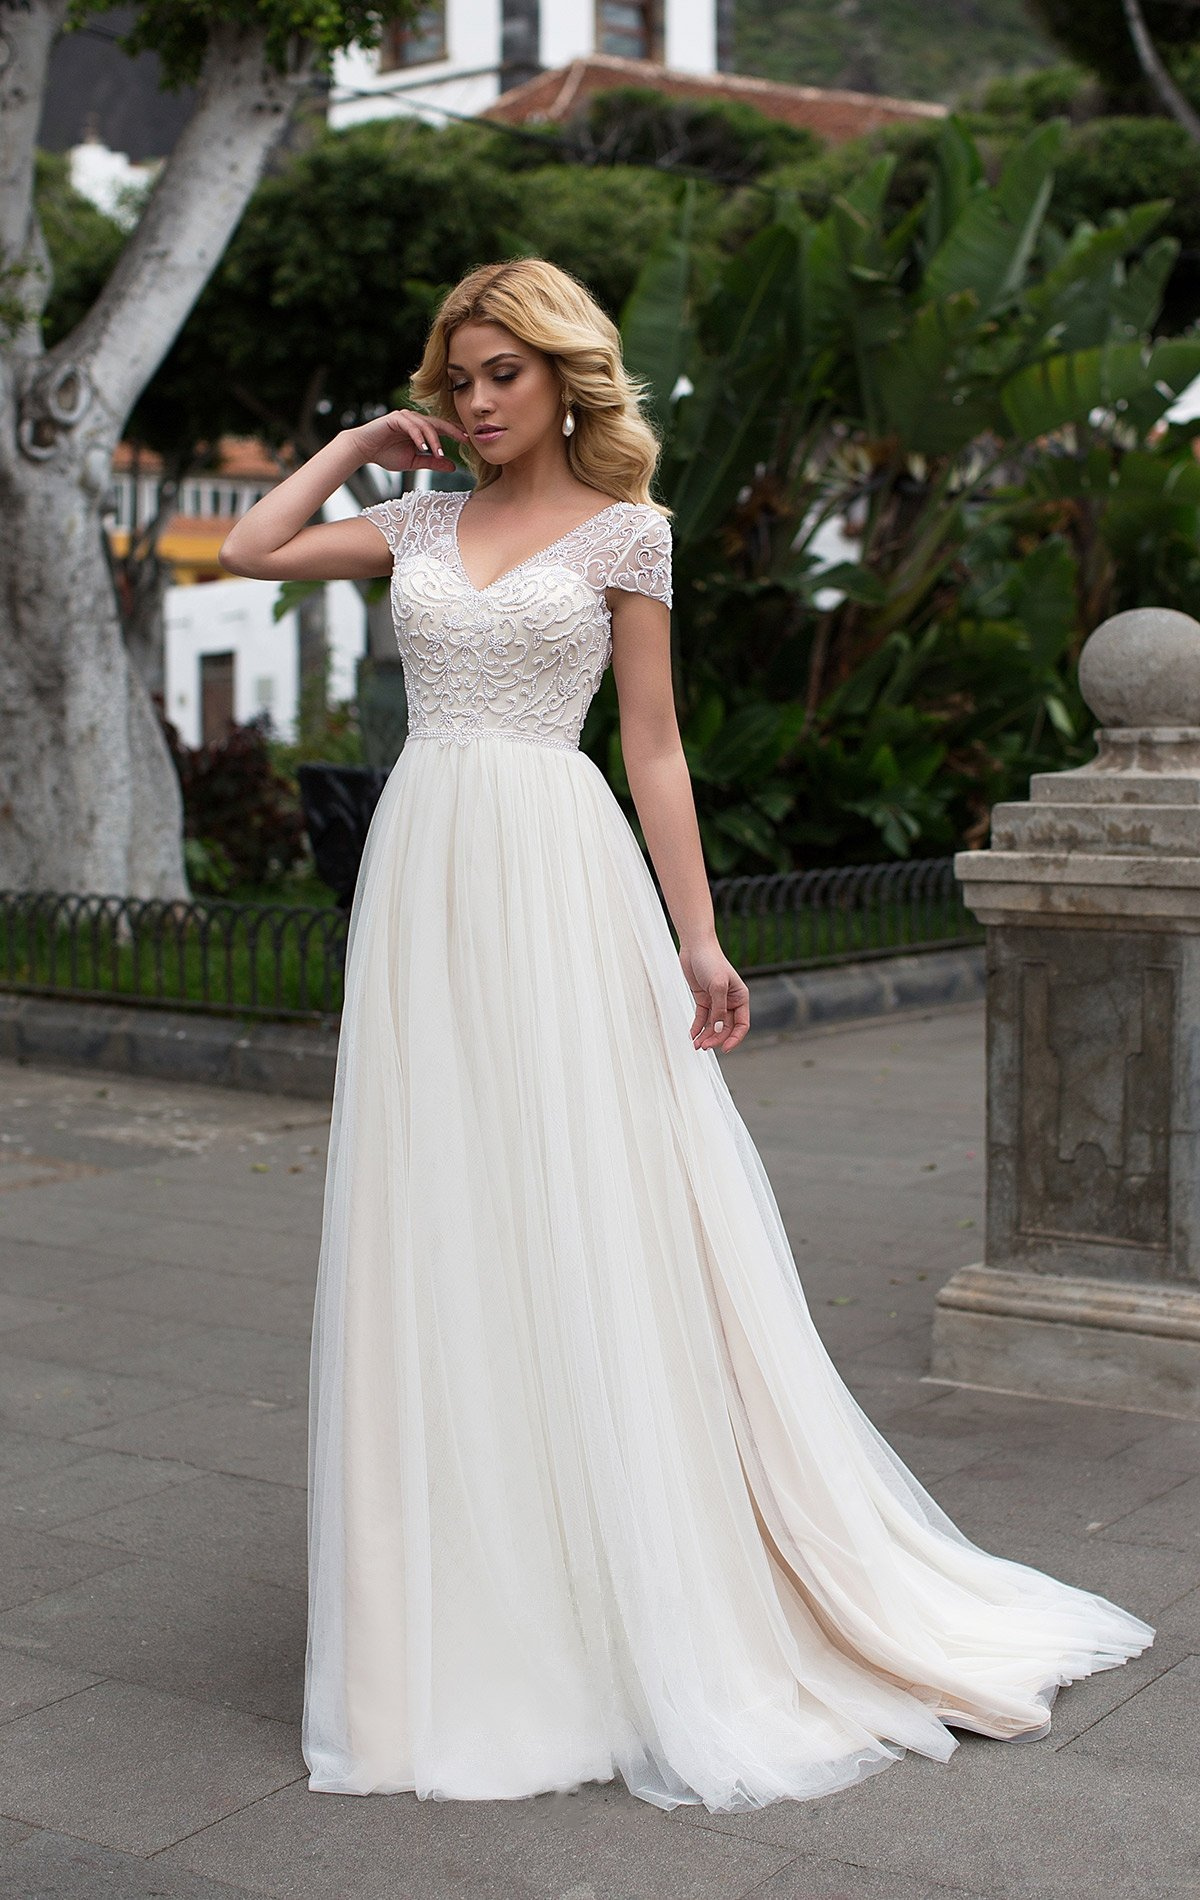 60680b25087a54 Свадебное платье с элегантным коротким рукавом и прямой многослойной юбкой.